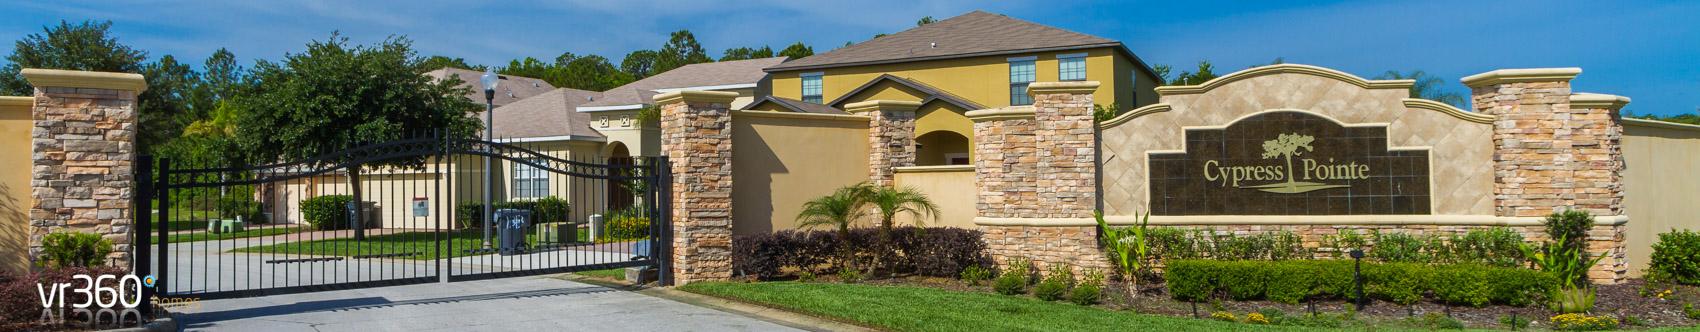 Cypress Pointe Villas Amp Vacation Rental In Orlando